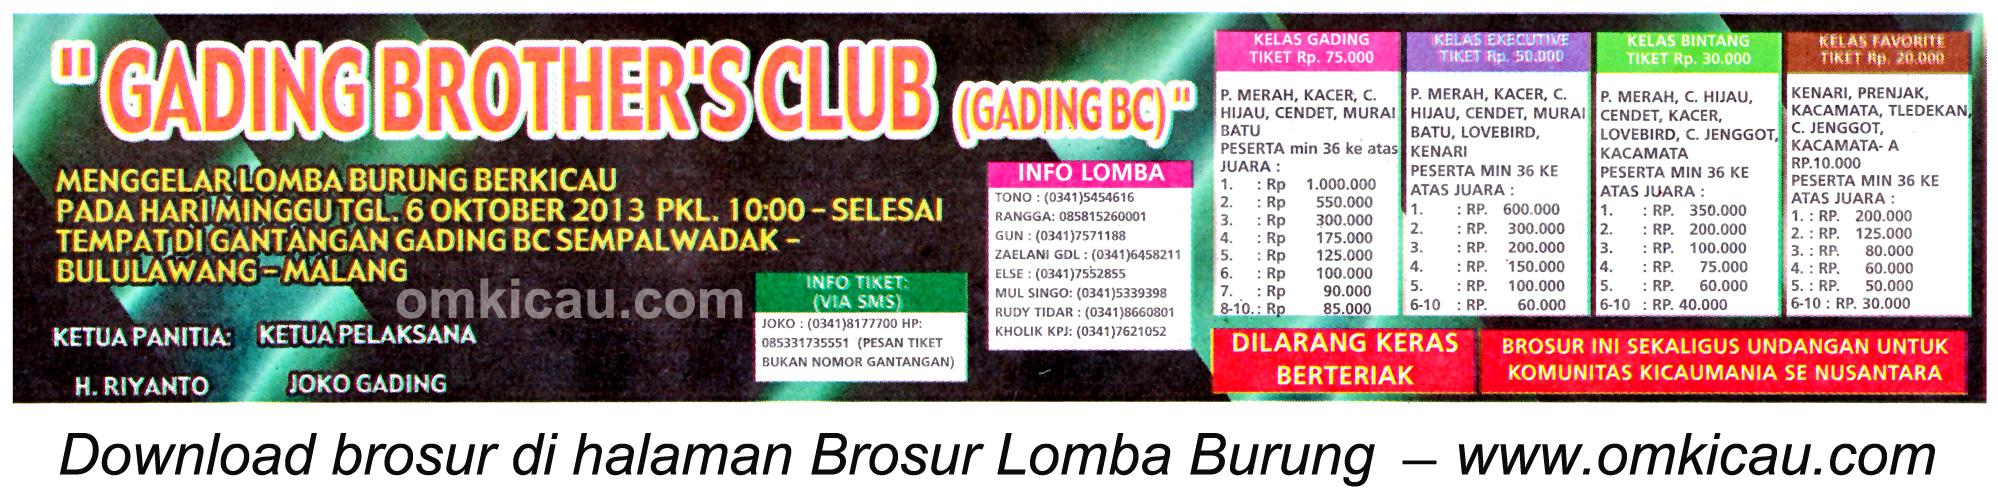 Brosur Latber Burung Berkicau Gading BC Malang 6 Oktober 2013